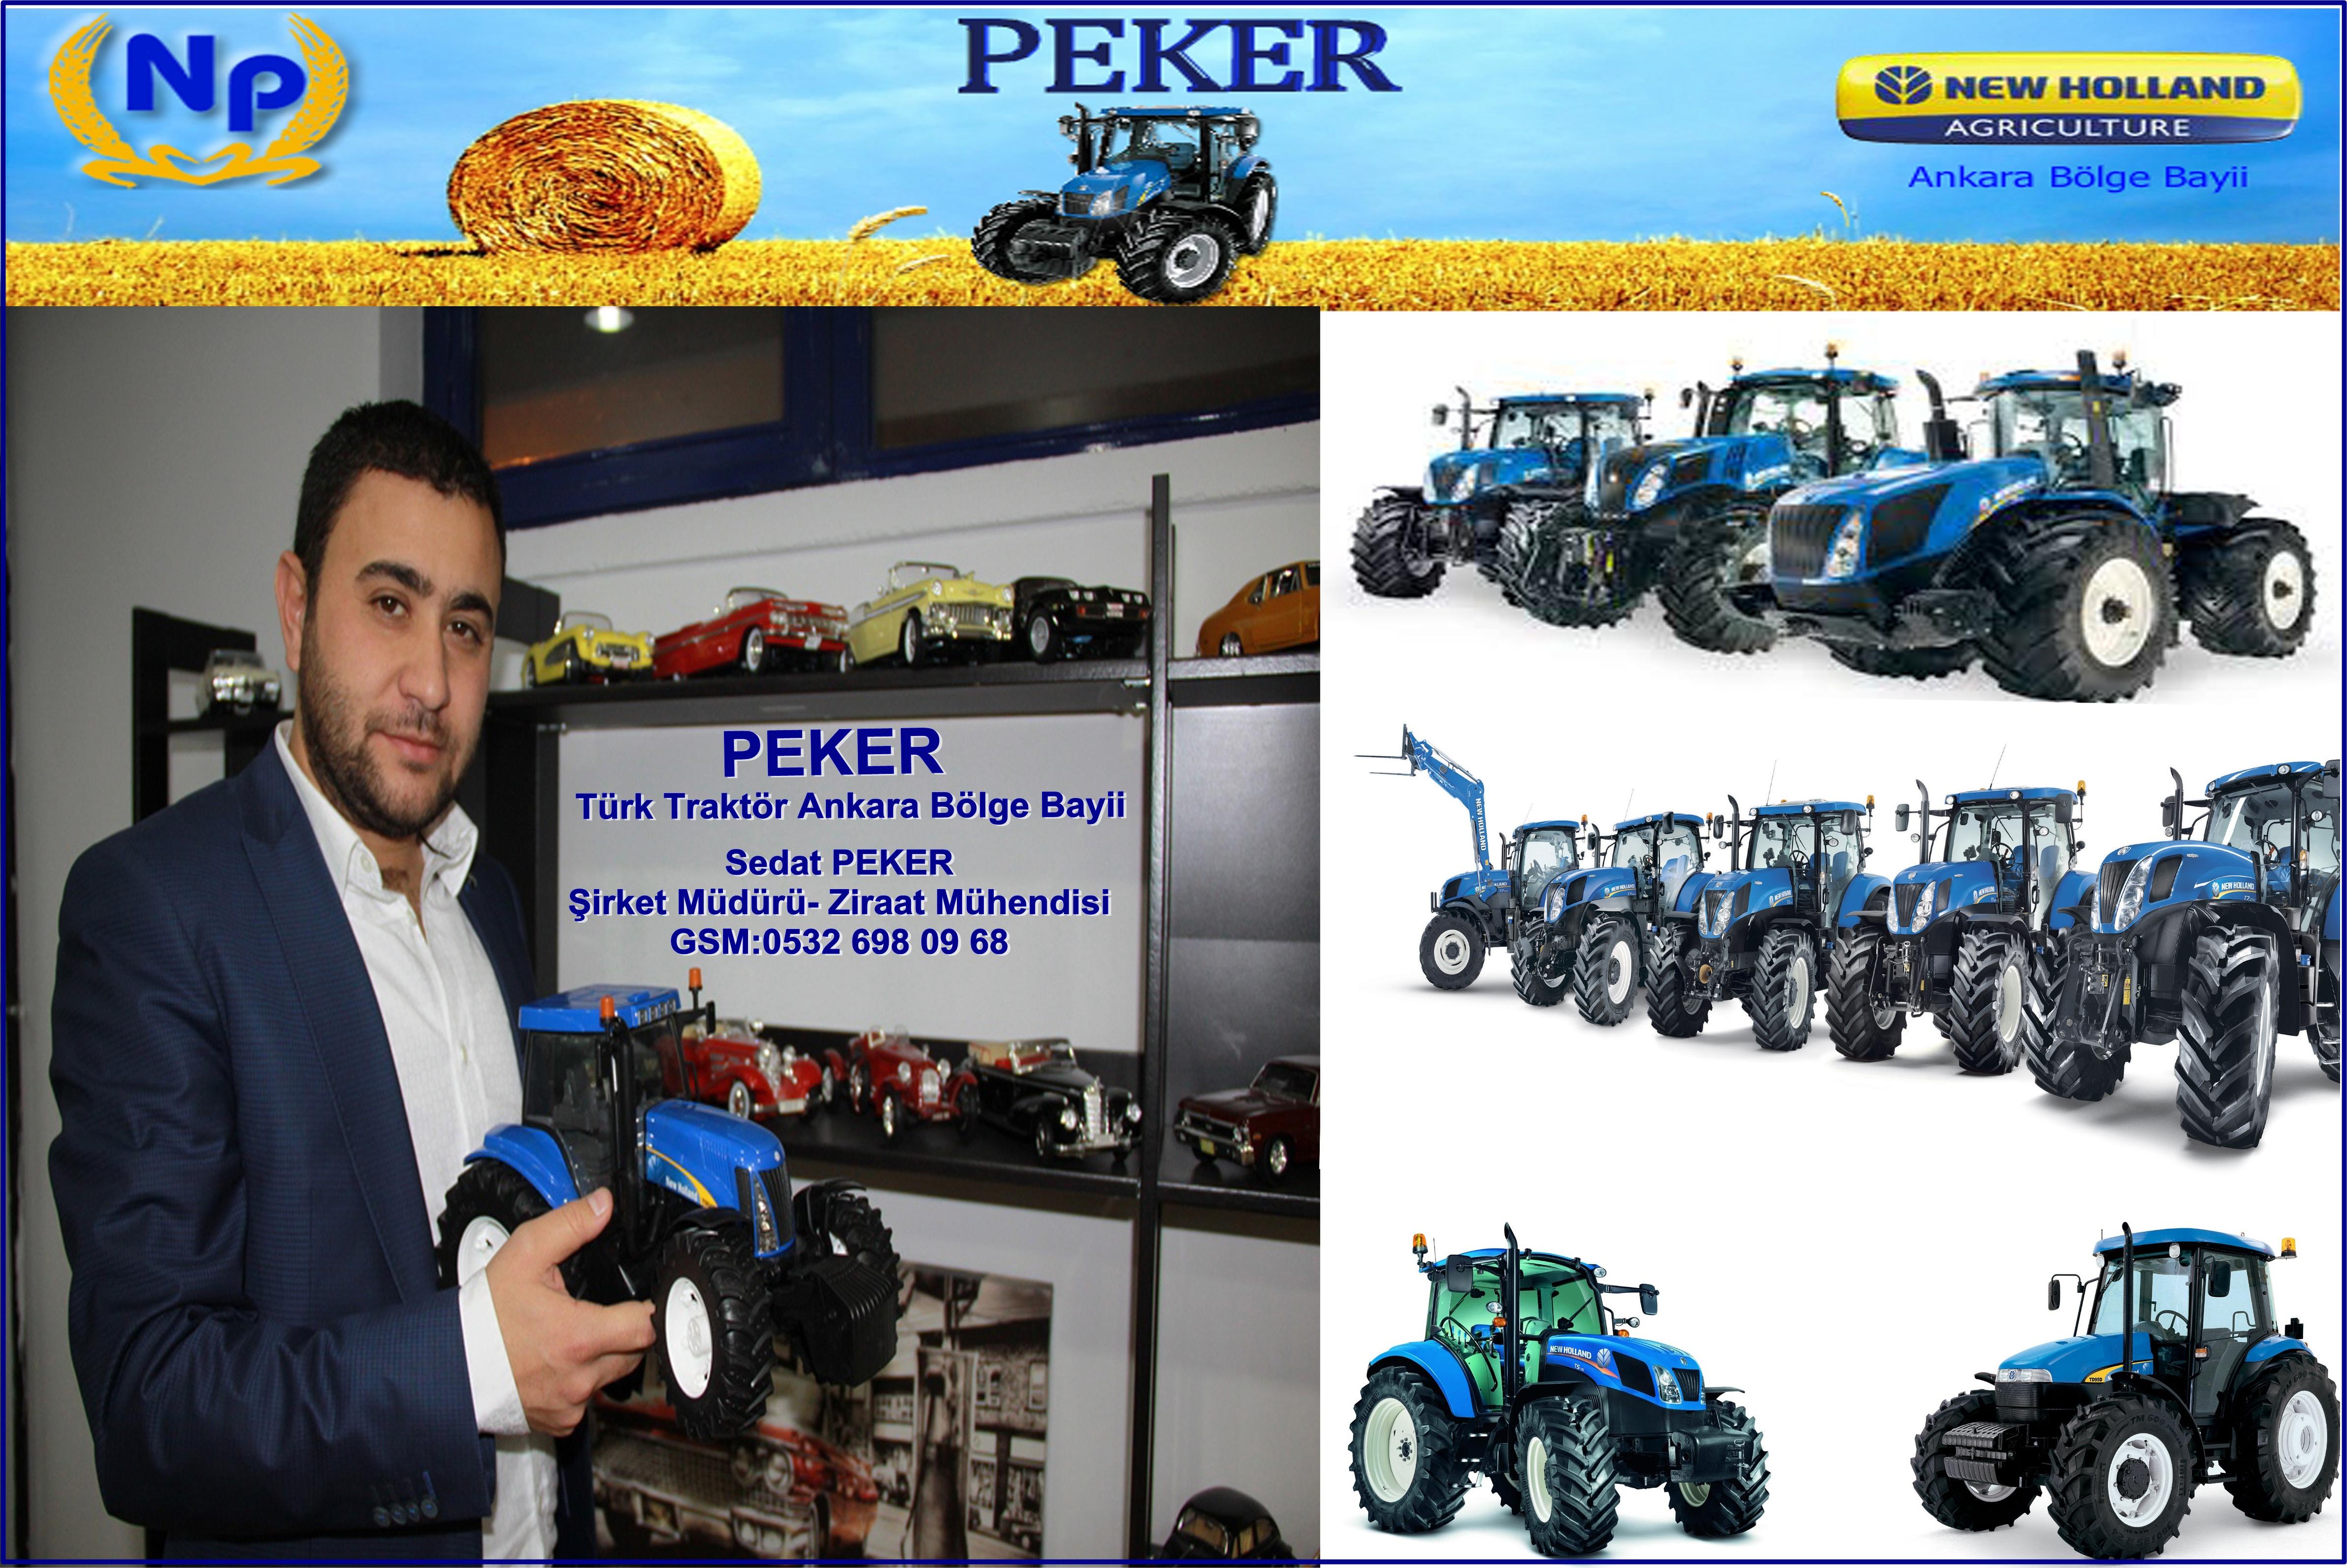 Traktör sahibi olmanın en kolay yolu PEKER'den geçmektedir…